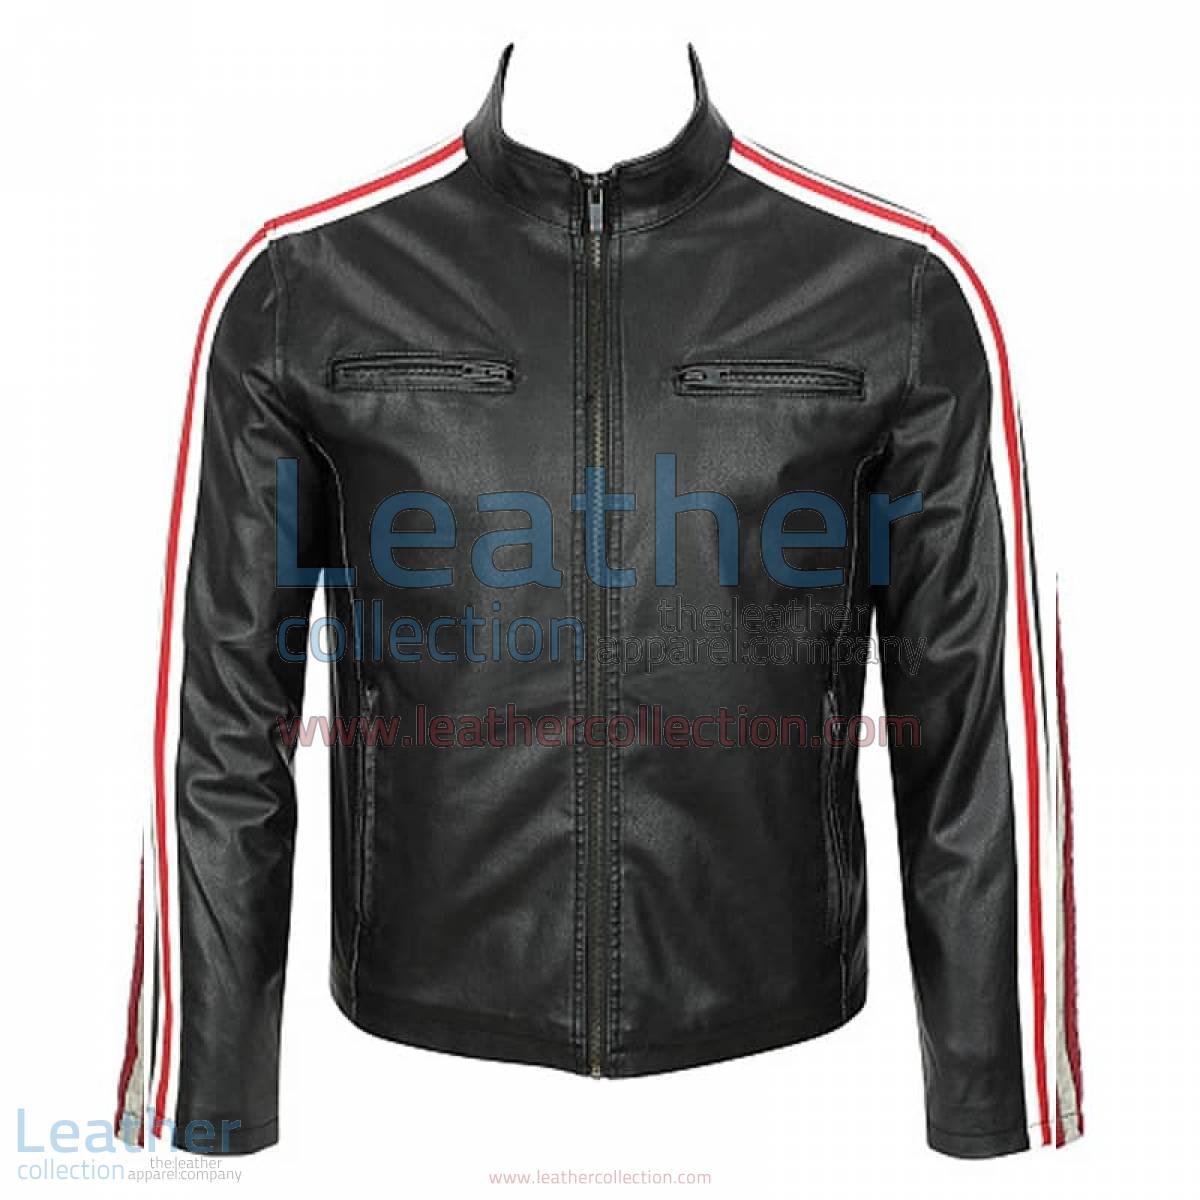 Leather Motorcycle Fashion Jacket | motorcycle fashion